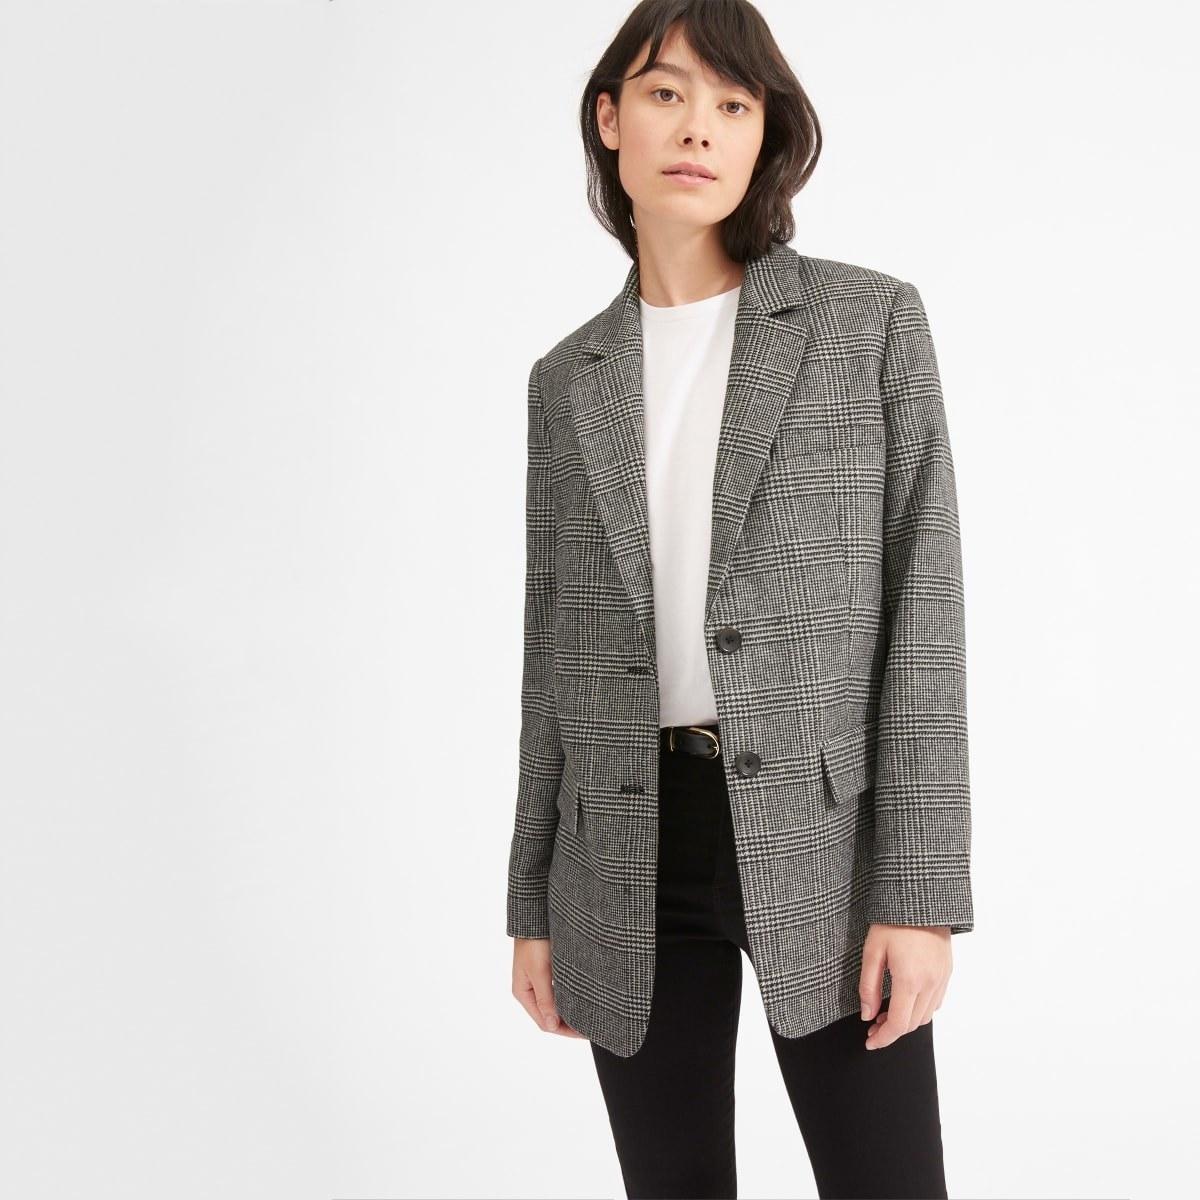 A model wearing the blazer